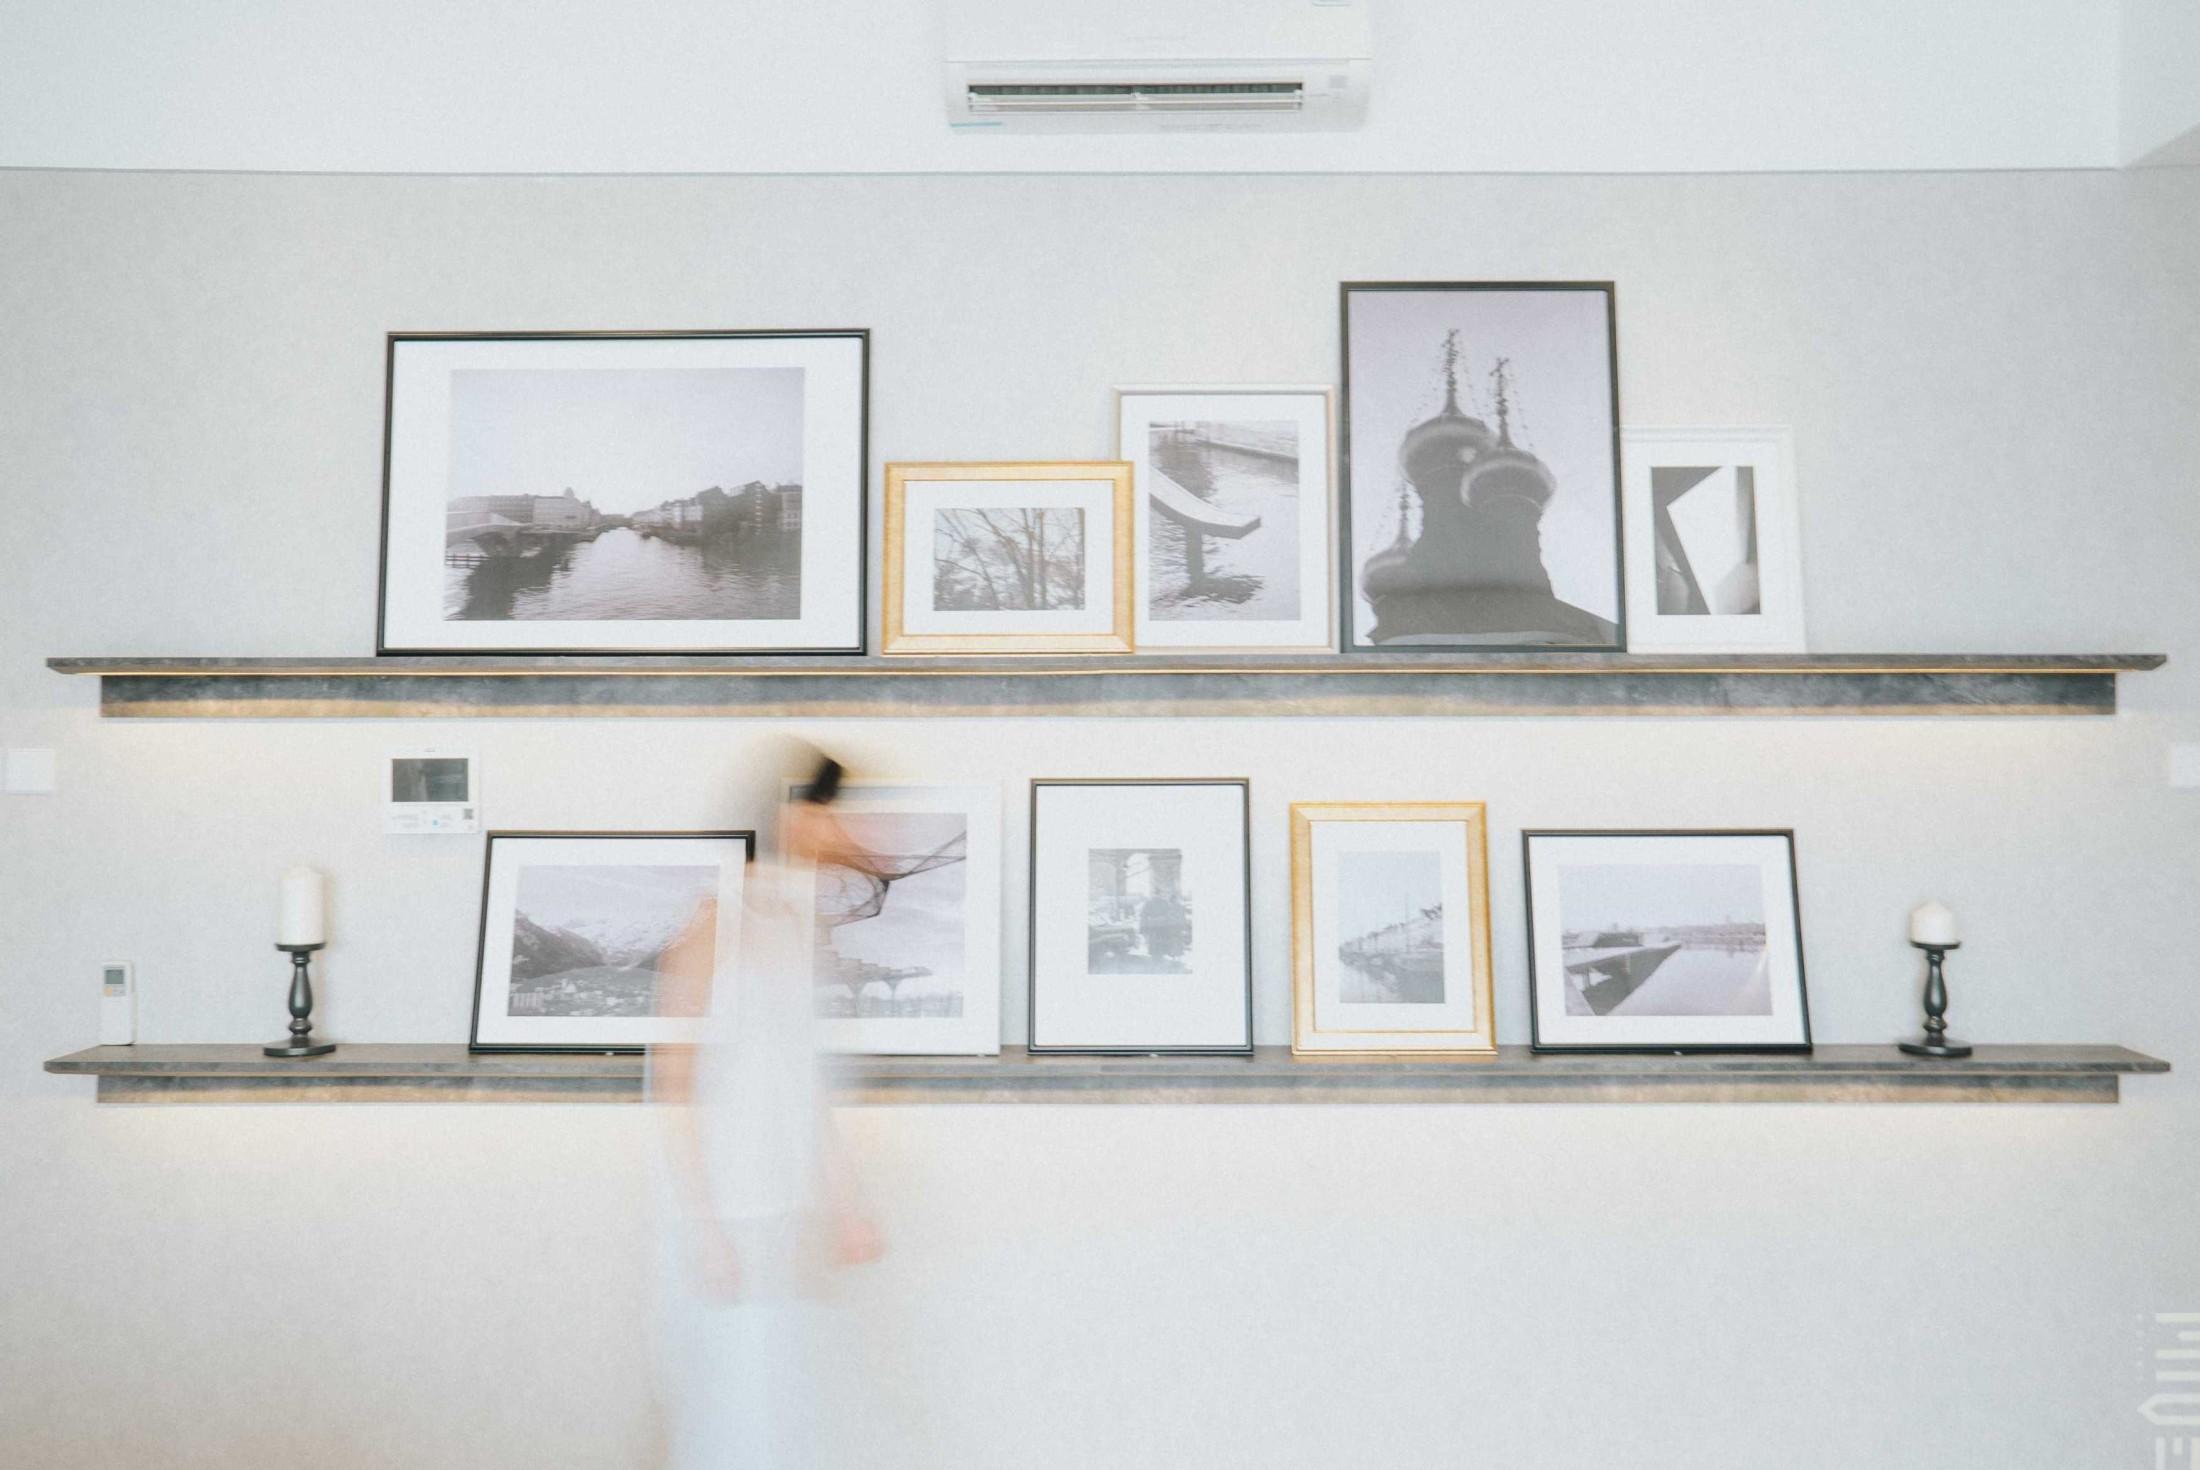 8 Ide Kreatif Dekorasi Dinding Keren Sederhana yang Mudah diterapkan di Rumah Anda | Foto artikel Arsitag